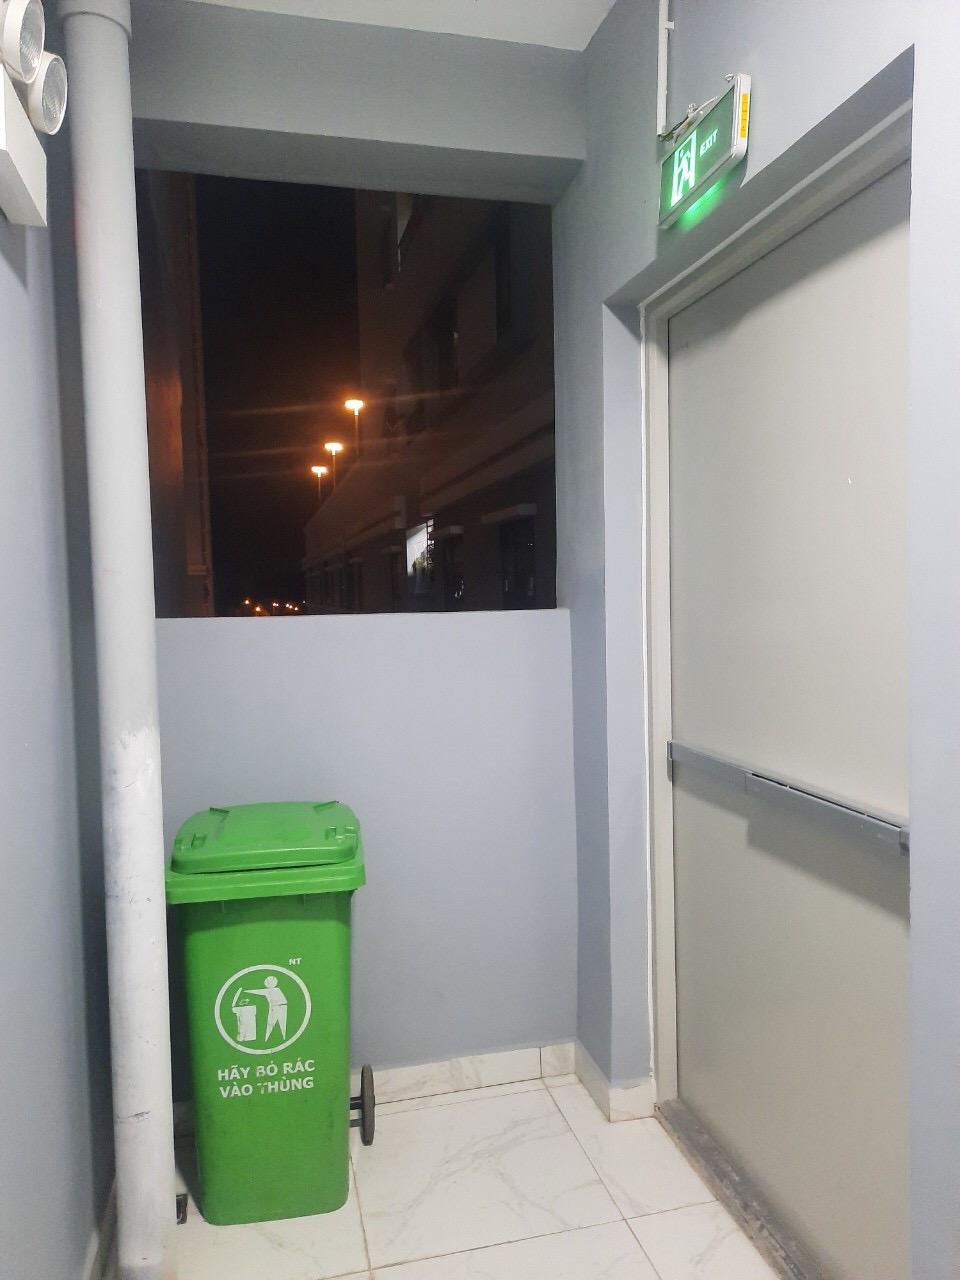 Thùng rác được chủ đầu tư chuyển ra ngay thang bộ